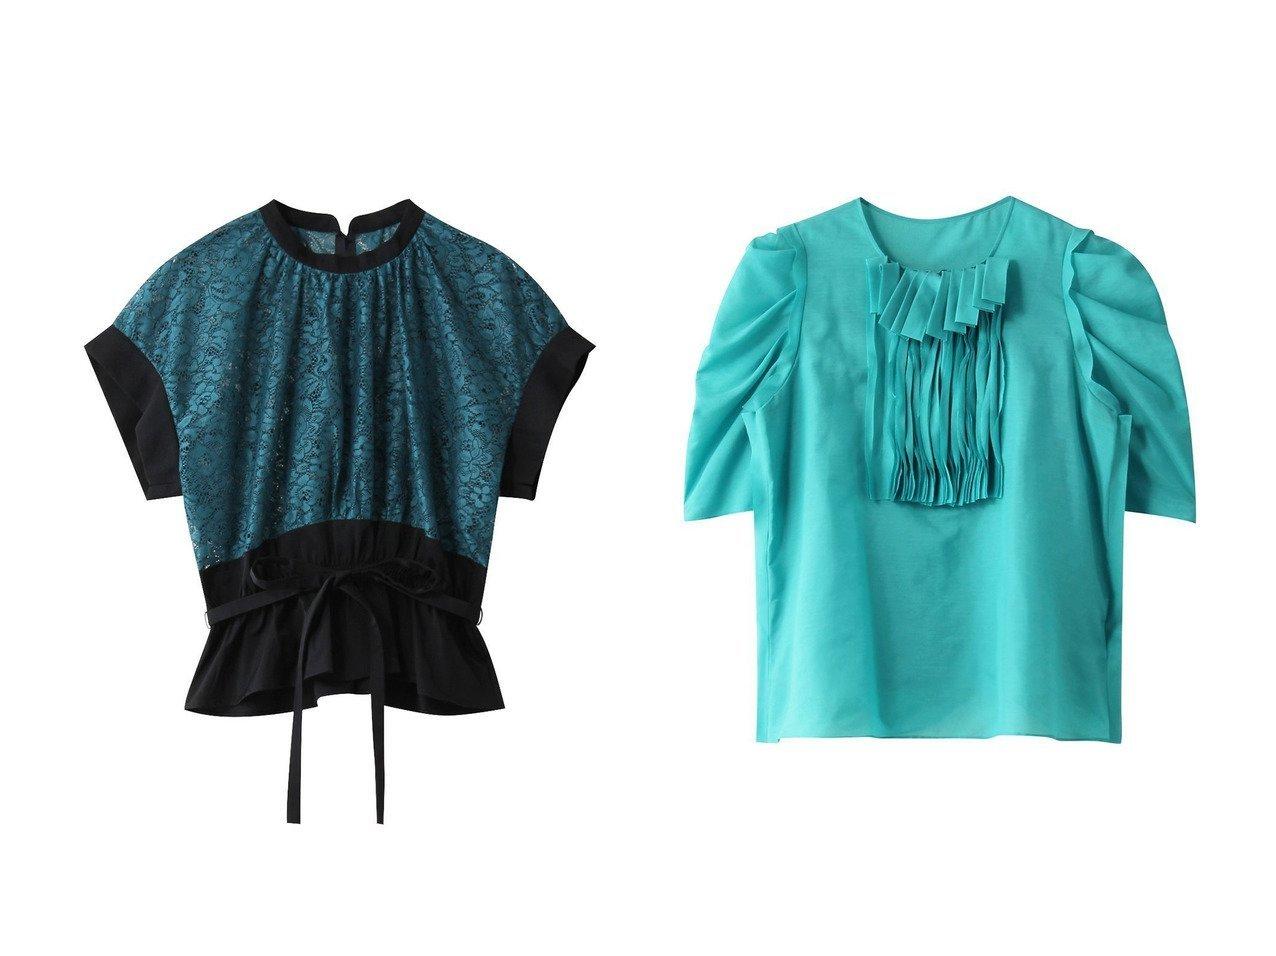 【LANVIN en Bleu/ランバン オン ブルー】のレースドッキングブラウス&シアーローンフリルブラウス 【トップス・カットソー】おすすめ!人気、トレンド・レディースファッションの通販 おすすめで人気の流行・トレンド、ファッションの通販商品 インテリア・家具・メンズファッション・キッズファッション・レディースファッション・服の通販 founy(ファニー) https://founy.com/ ファッション Fashion レディースファッション WOMEN トップス・カットソー Tops/Tshirt シャツ/ブラウス Shirts/Blouses インナー ショルダー ショート スリーブ リボン レース 半袖  ID:crp329100000045262